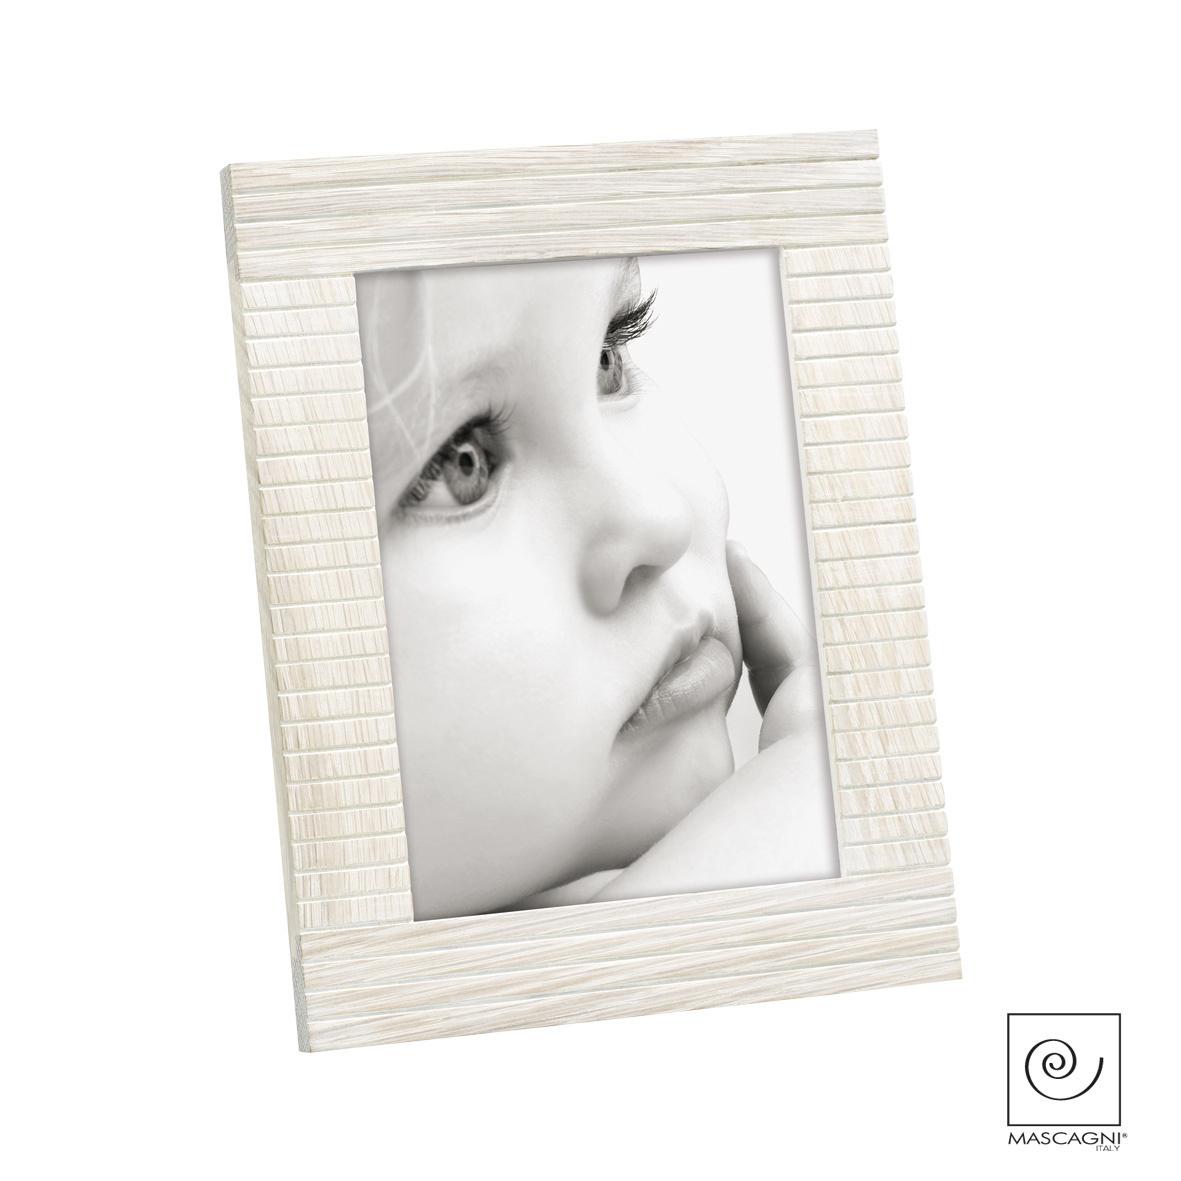 Art Mascagni A758 PHOTO FRAME 13X18 - COL. WHITE